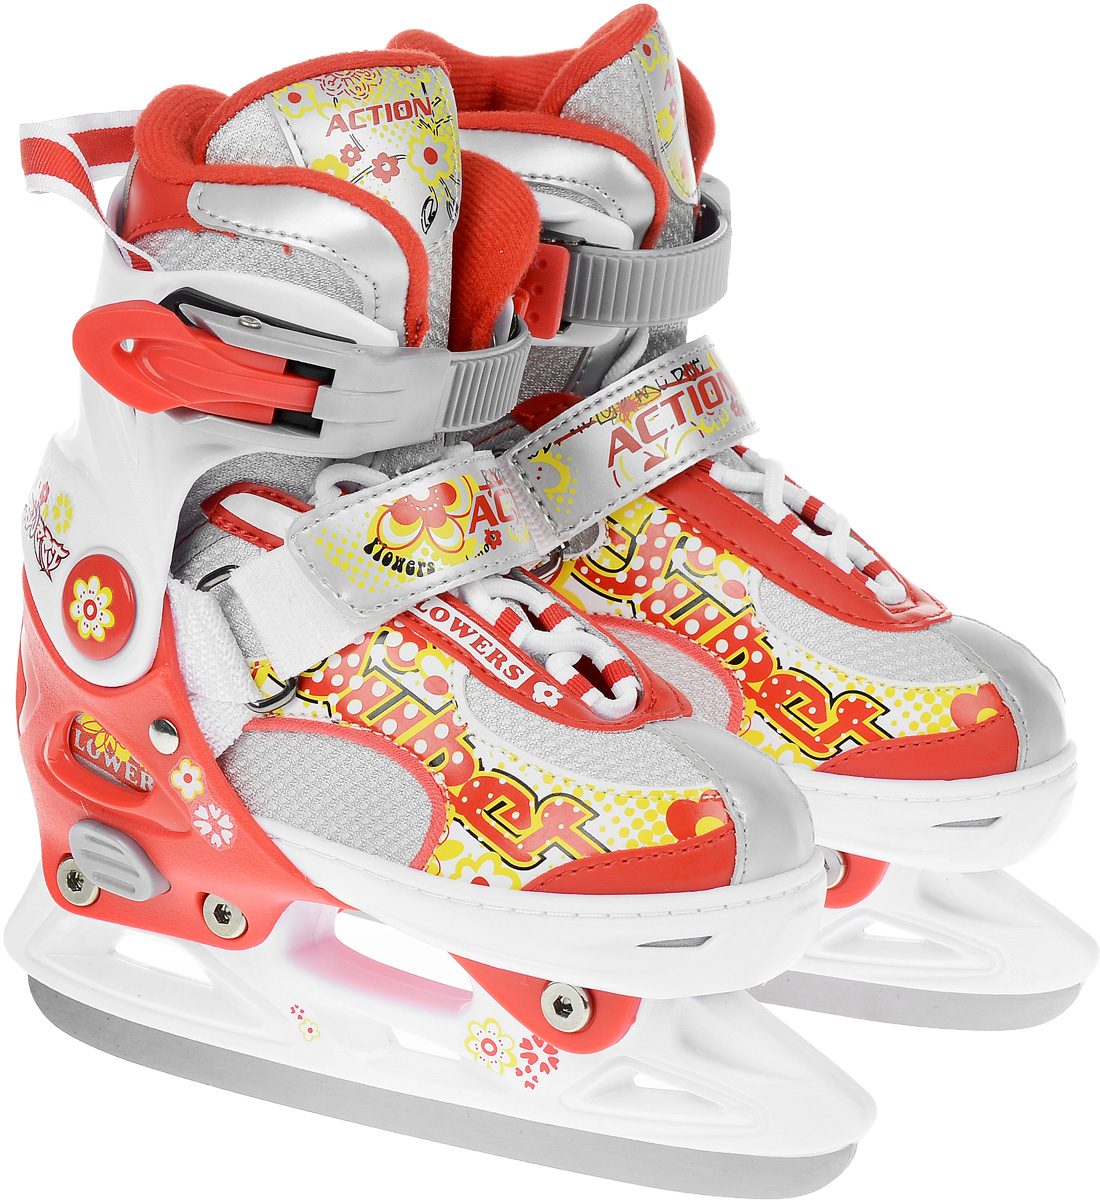 Коньки ледовые для девочки Action Sporting Goods, раздвижные, цвет: белый, красный. PW-113. Размер 33/36